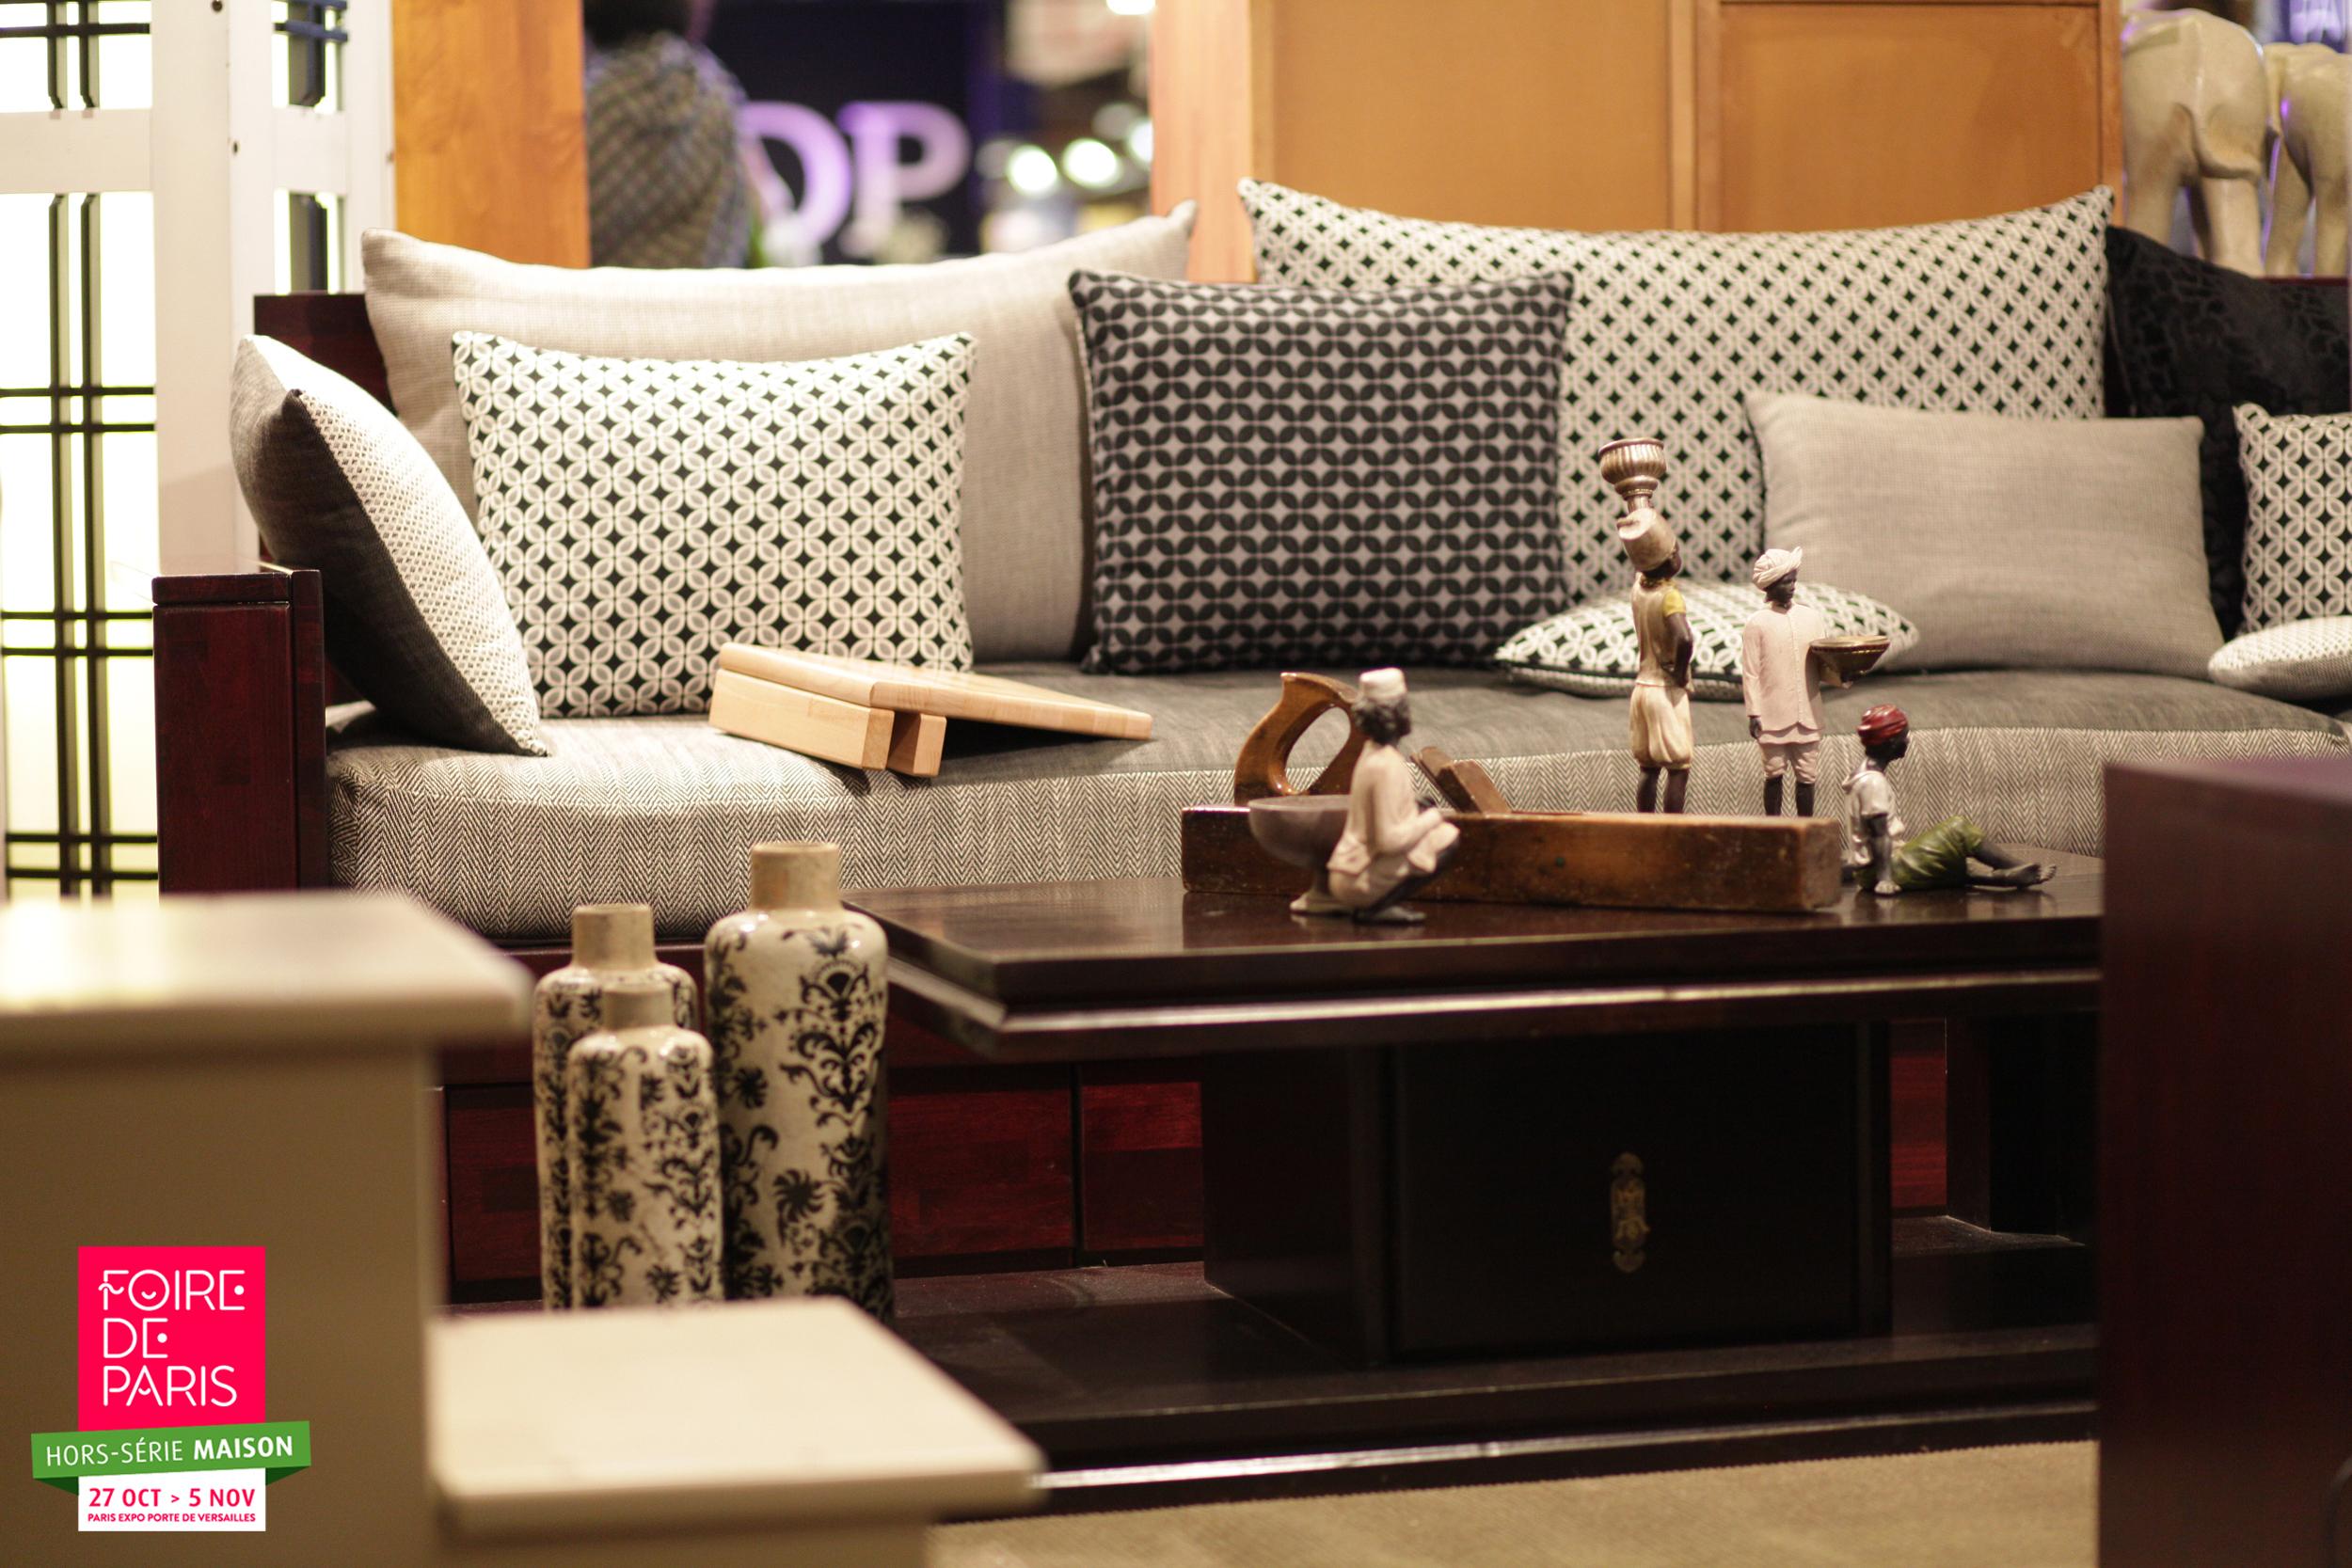 shopping et diy la foire de paris hors s rie maison. Black Bedroom Furniture Sets. Home Design Ideas